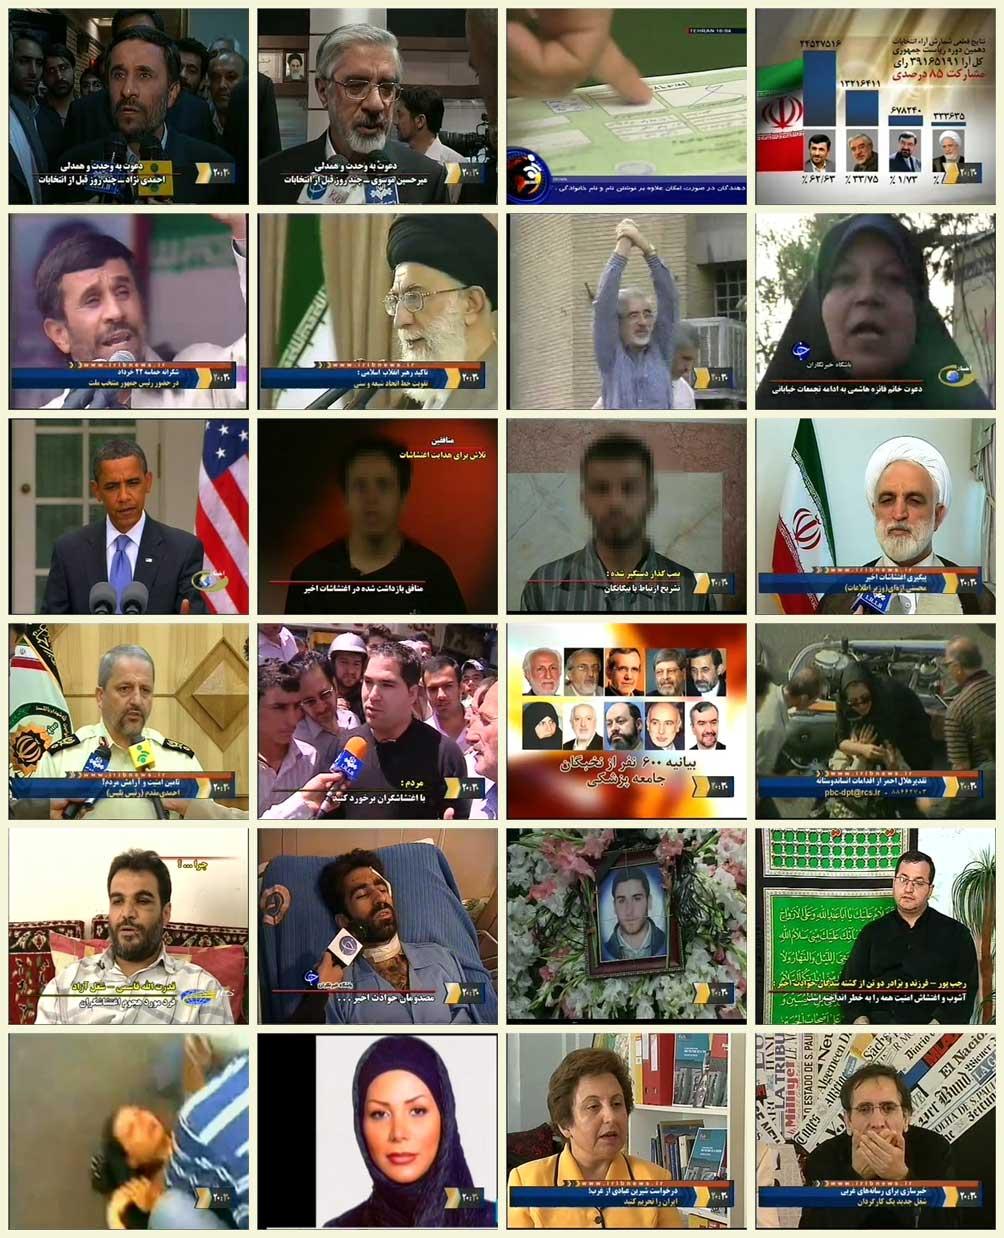 گزیده اخبار انتخابات دهم ریاست جمهوری از 22 خرداد تا 31 خرداد 88